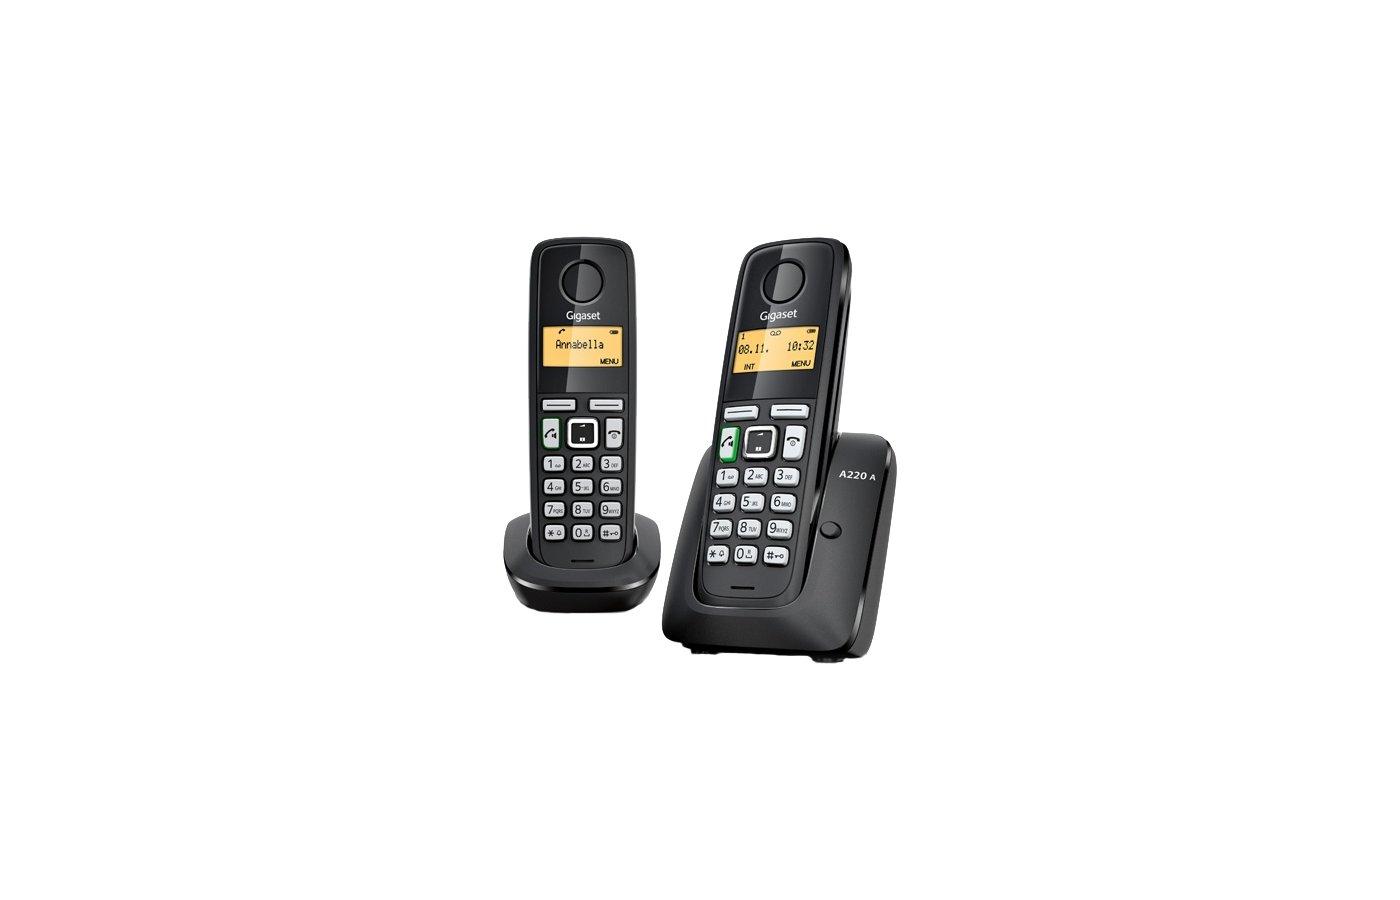 Радиотелефон Gigaset A220 HF AM DUO